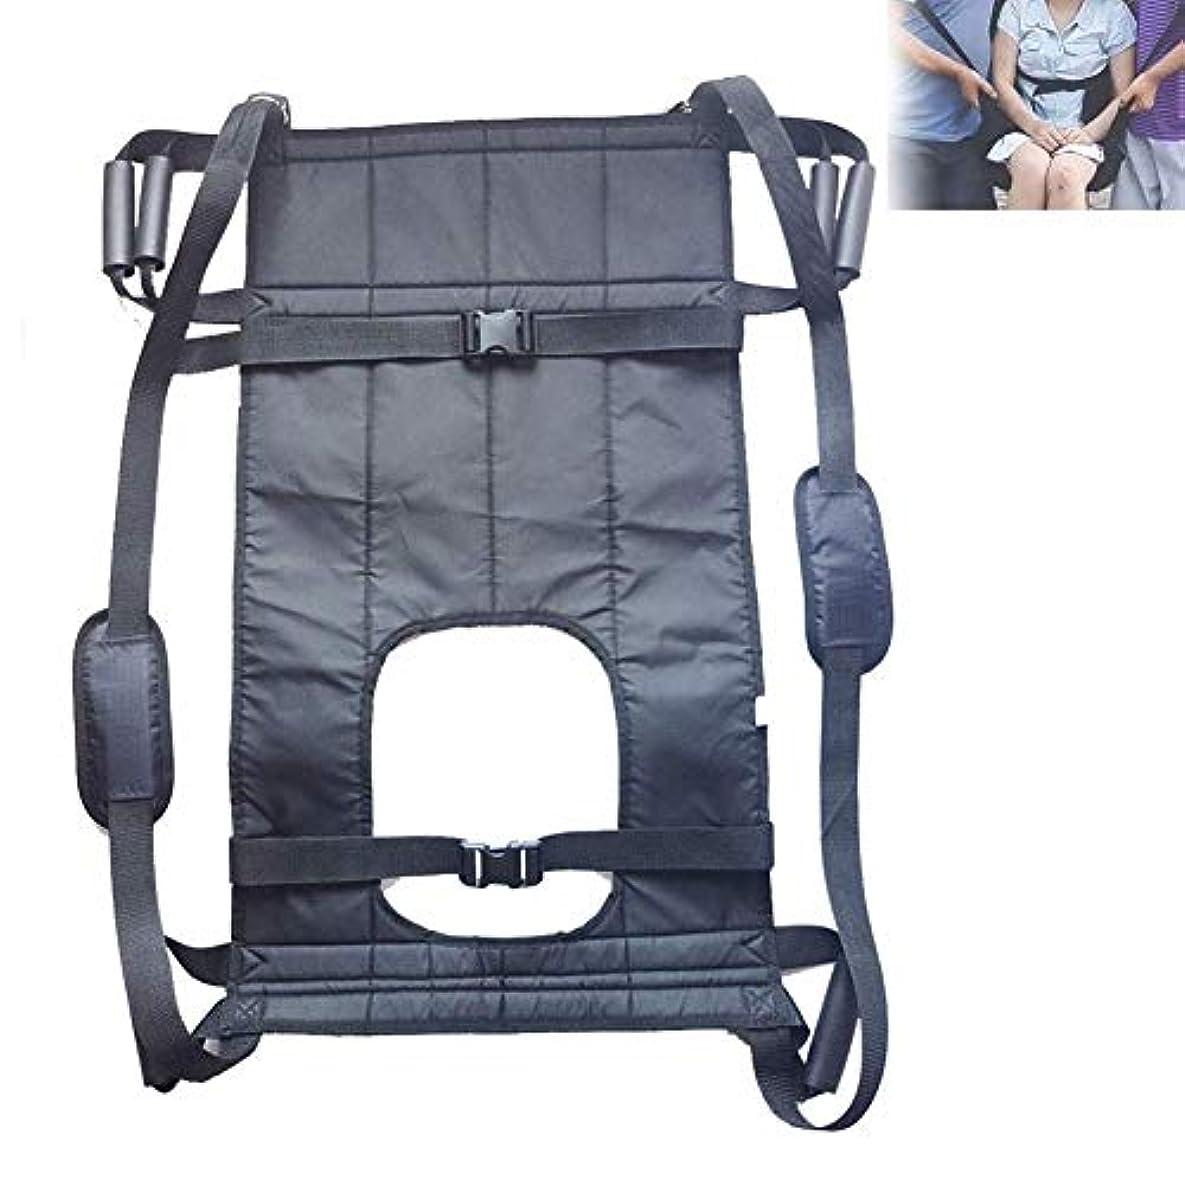 血統西部素子患者用補助具パッド付き車椅子用シートベルトハンドル付きベルト、寝たきり老人介護、便器患者用のトランスファーシートパッド,Canlieflat